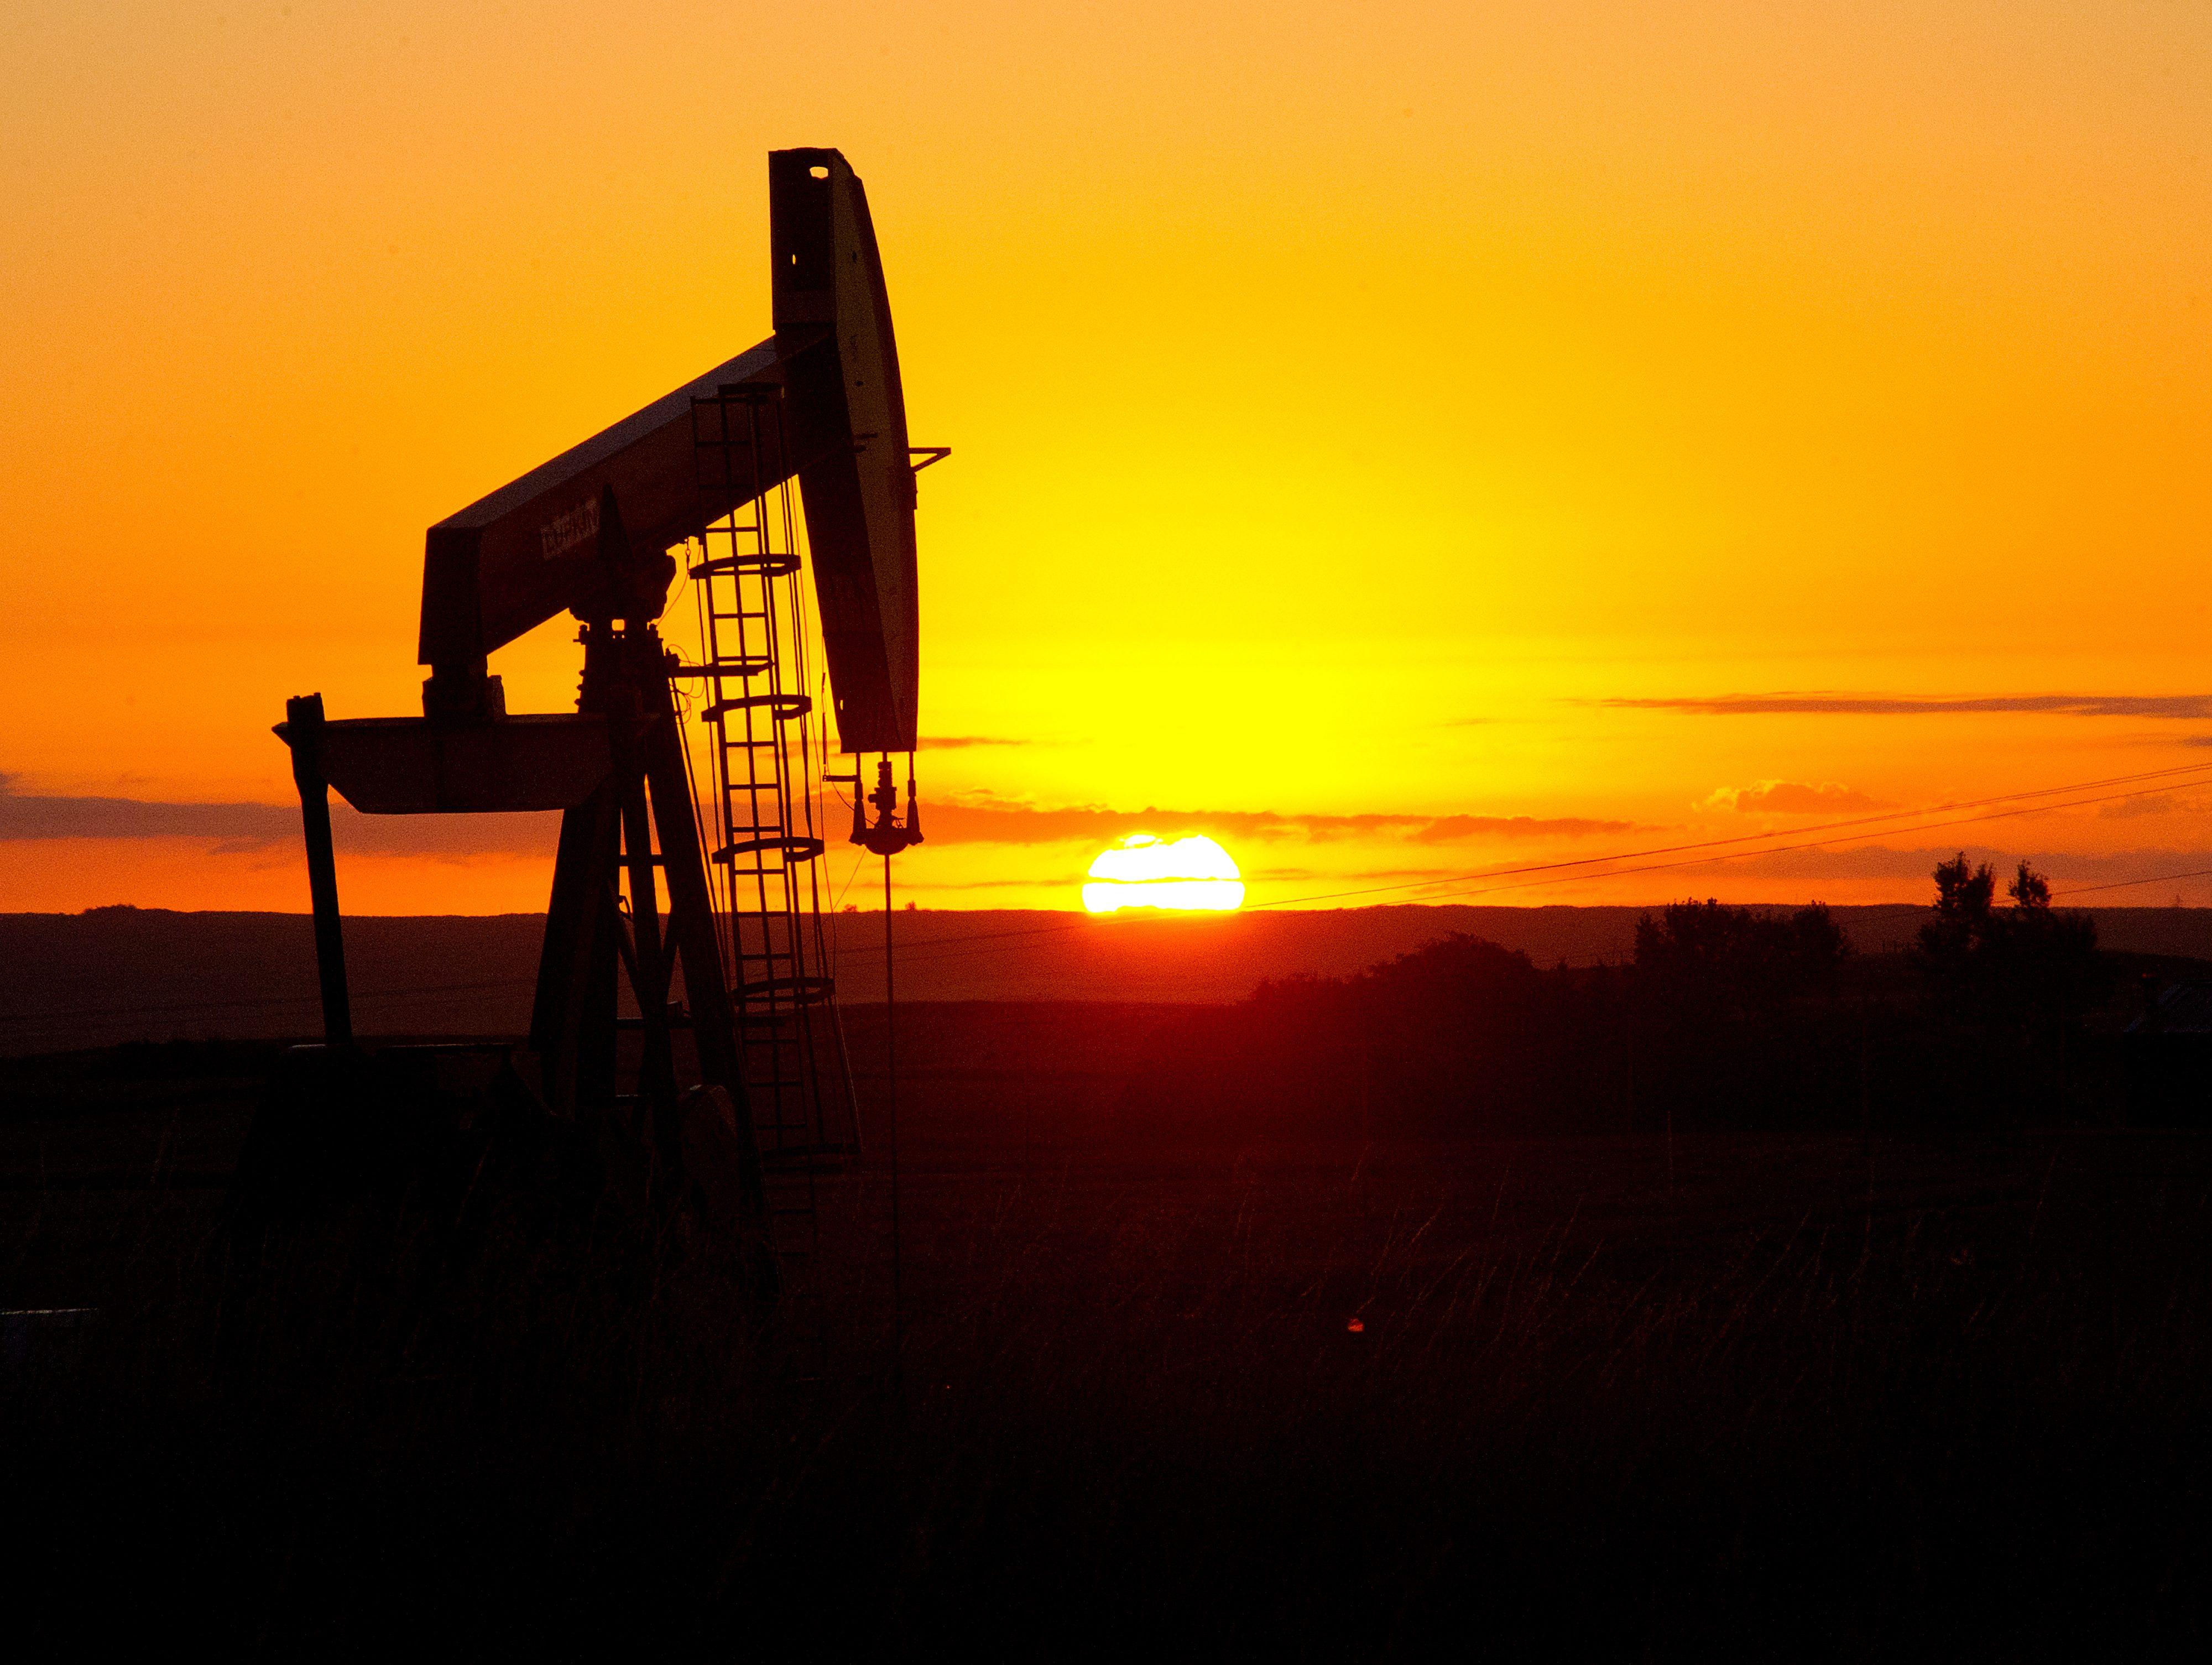 展望明年,油價維持在50-60美元/桶之間或許是較符合產油國的最大利益,其產能政策將隨之靈活調整。圖為示意照。(AFP)